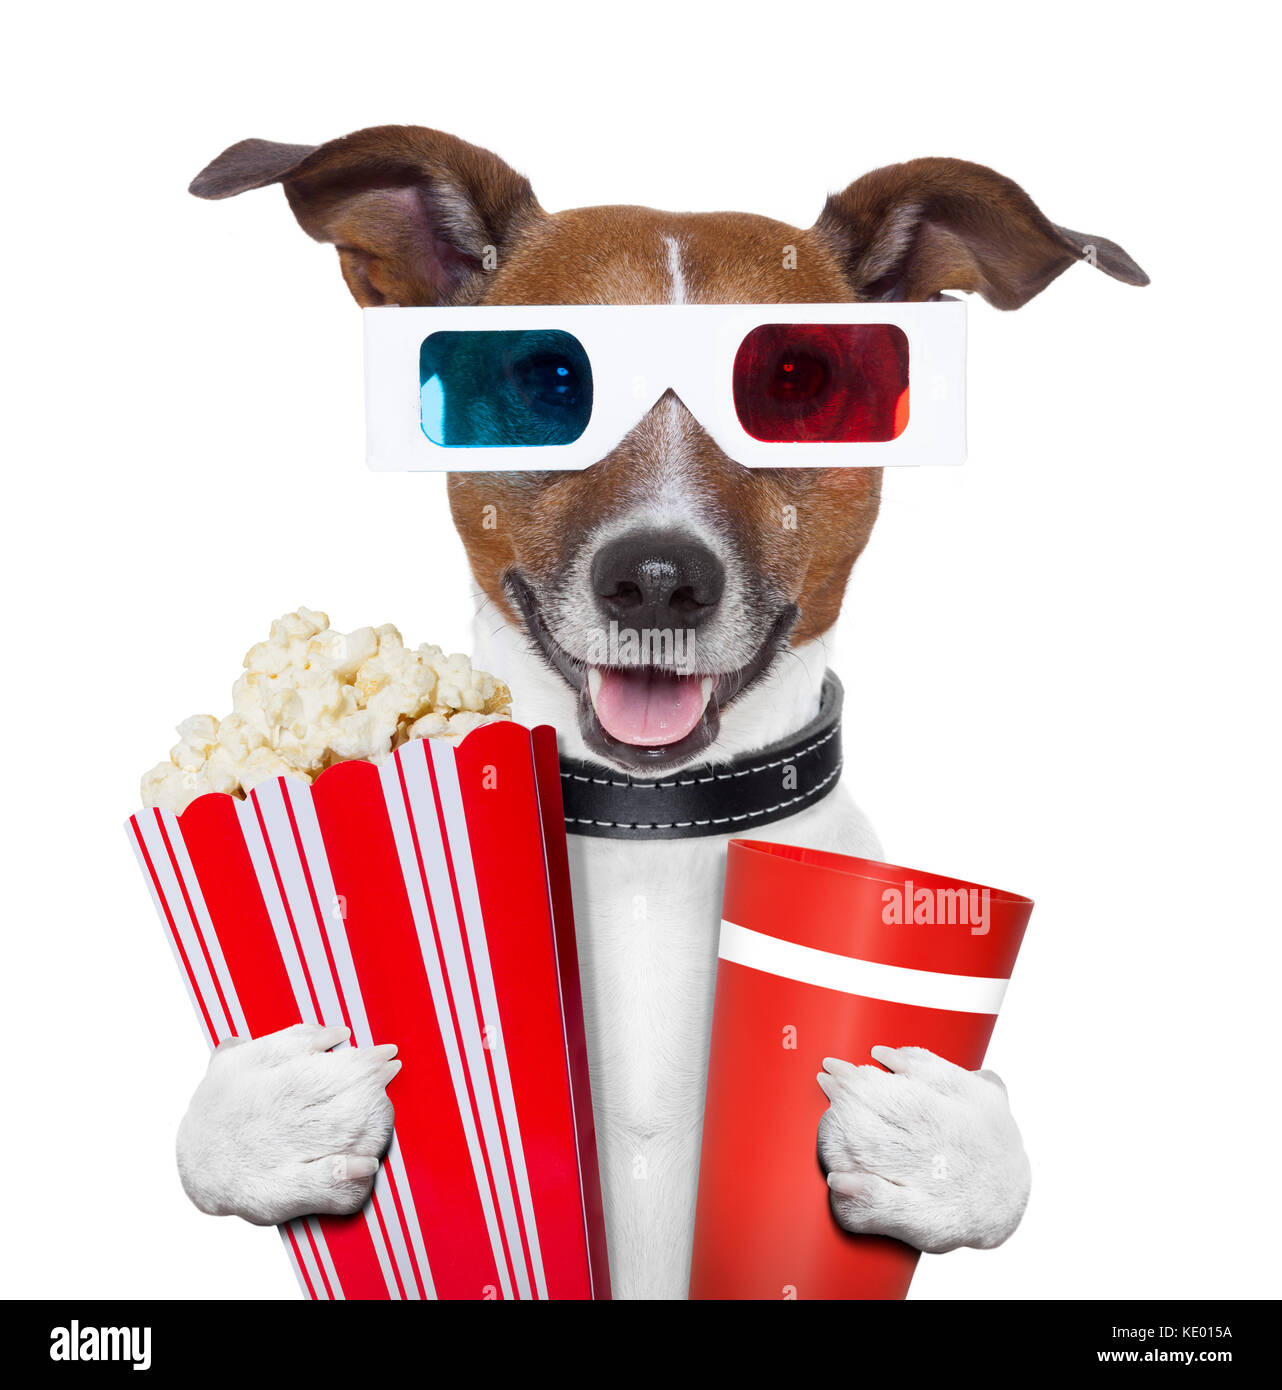 Stock Photo Dog Eating Popcorn